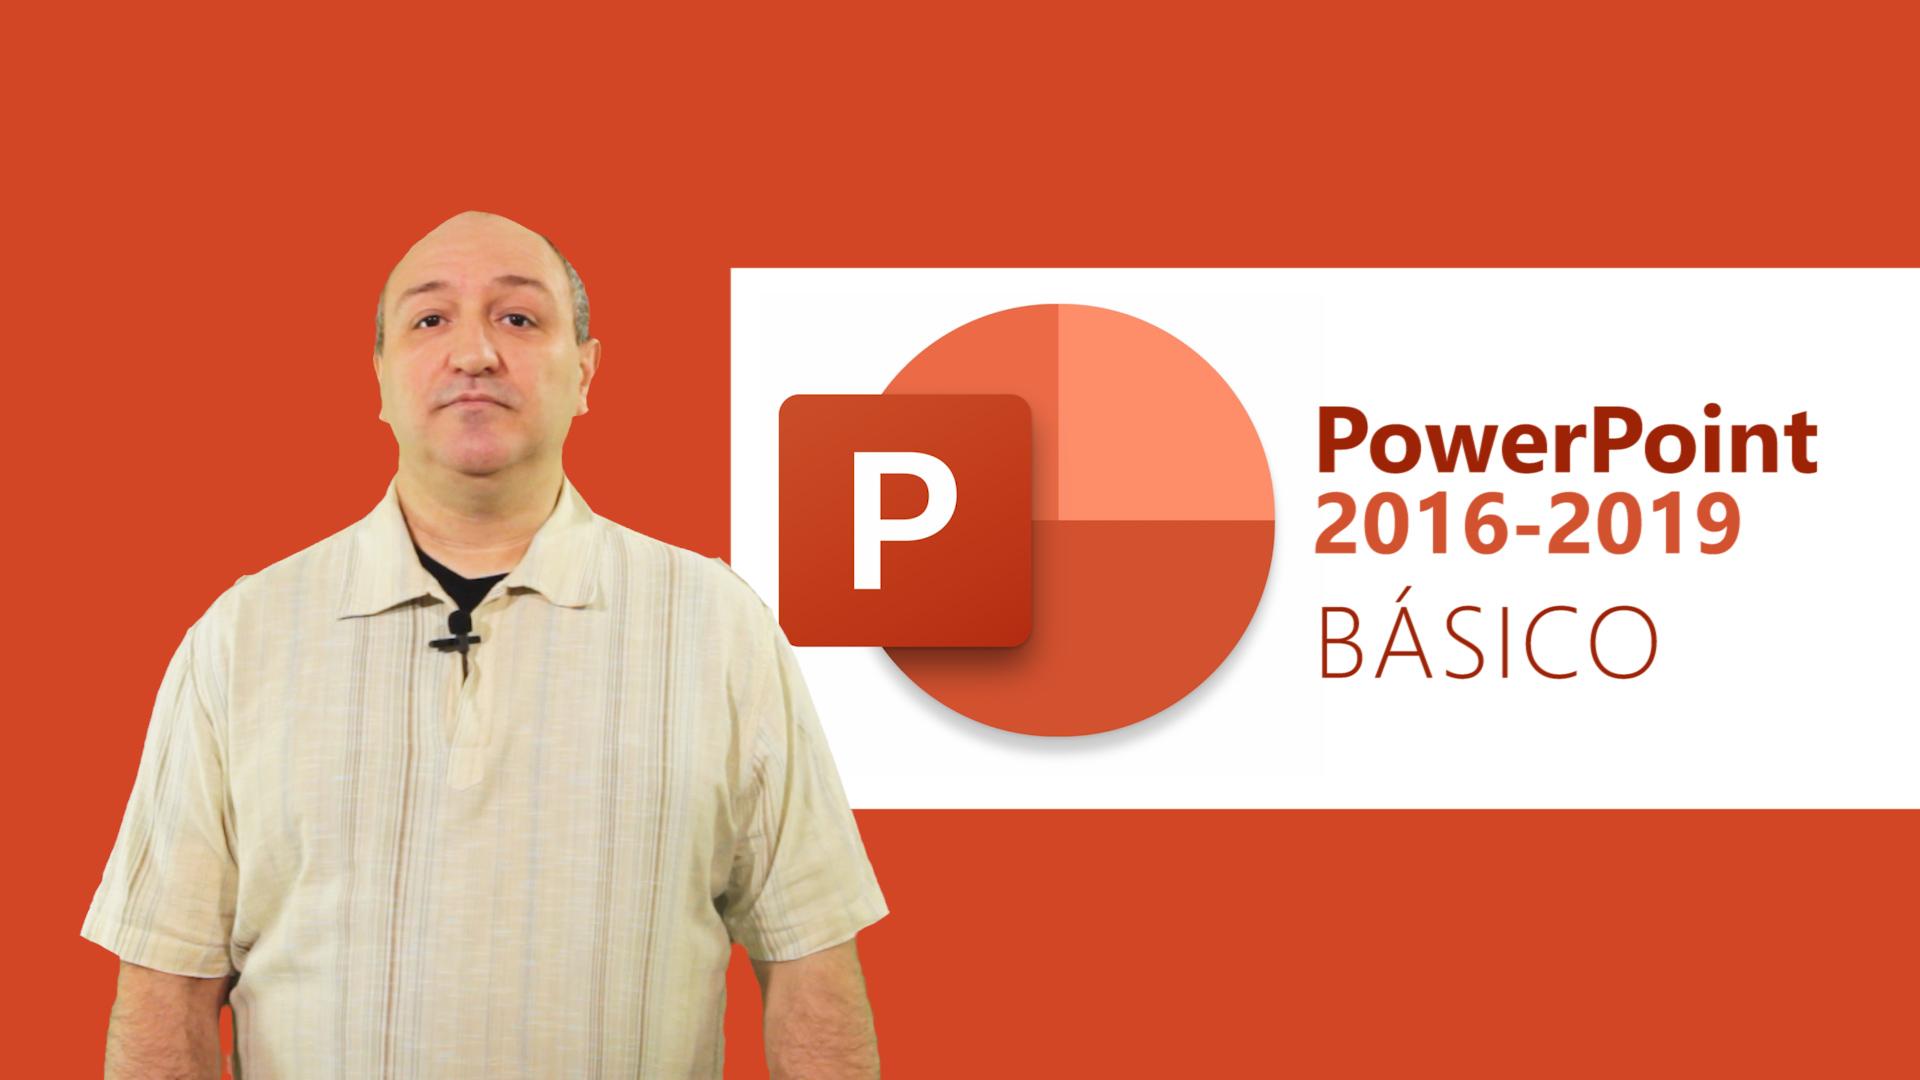 Curso de PowerPoint 2016/2019 Básico